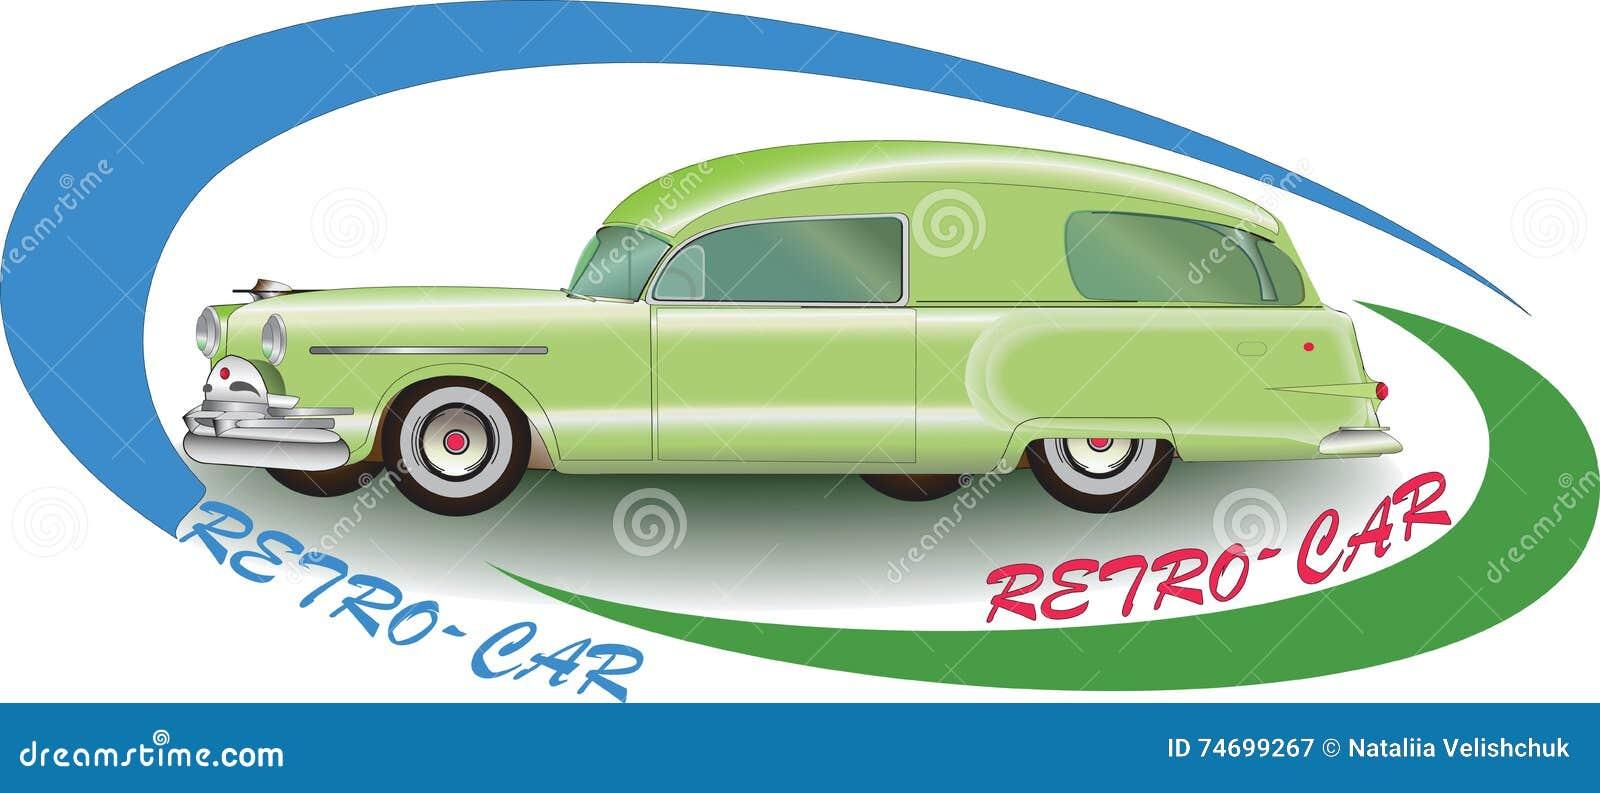 Green Rretro Car 1953 Vector Image Auto